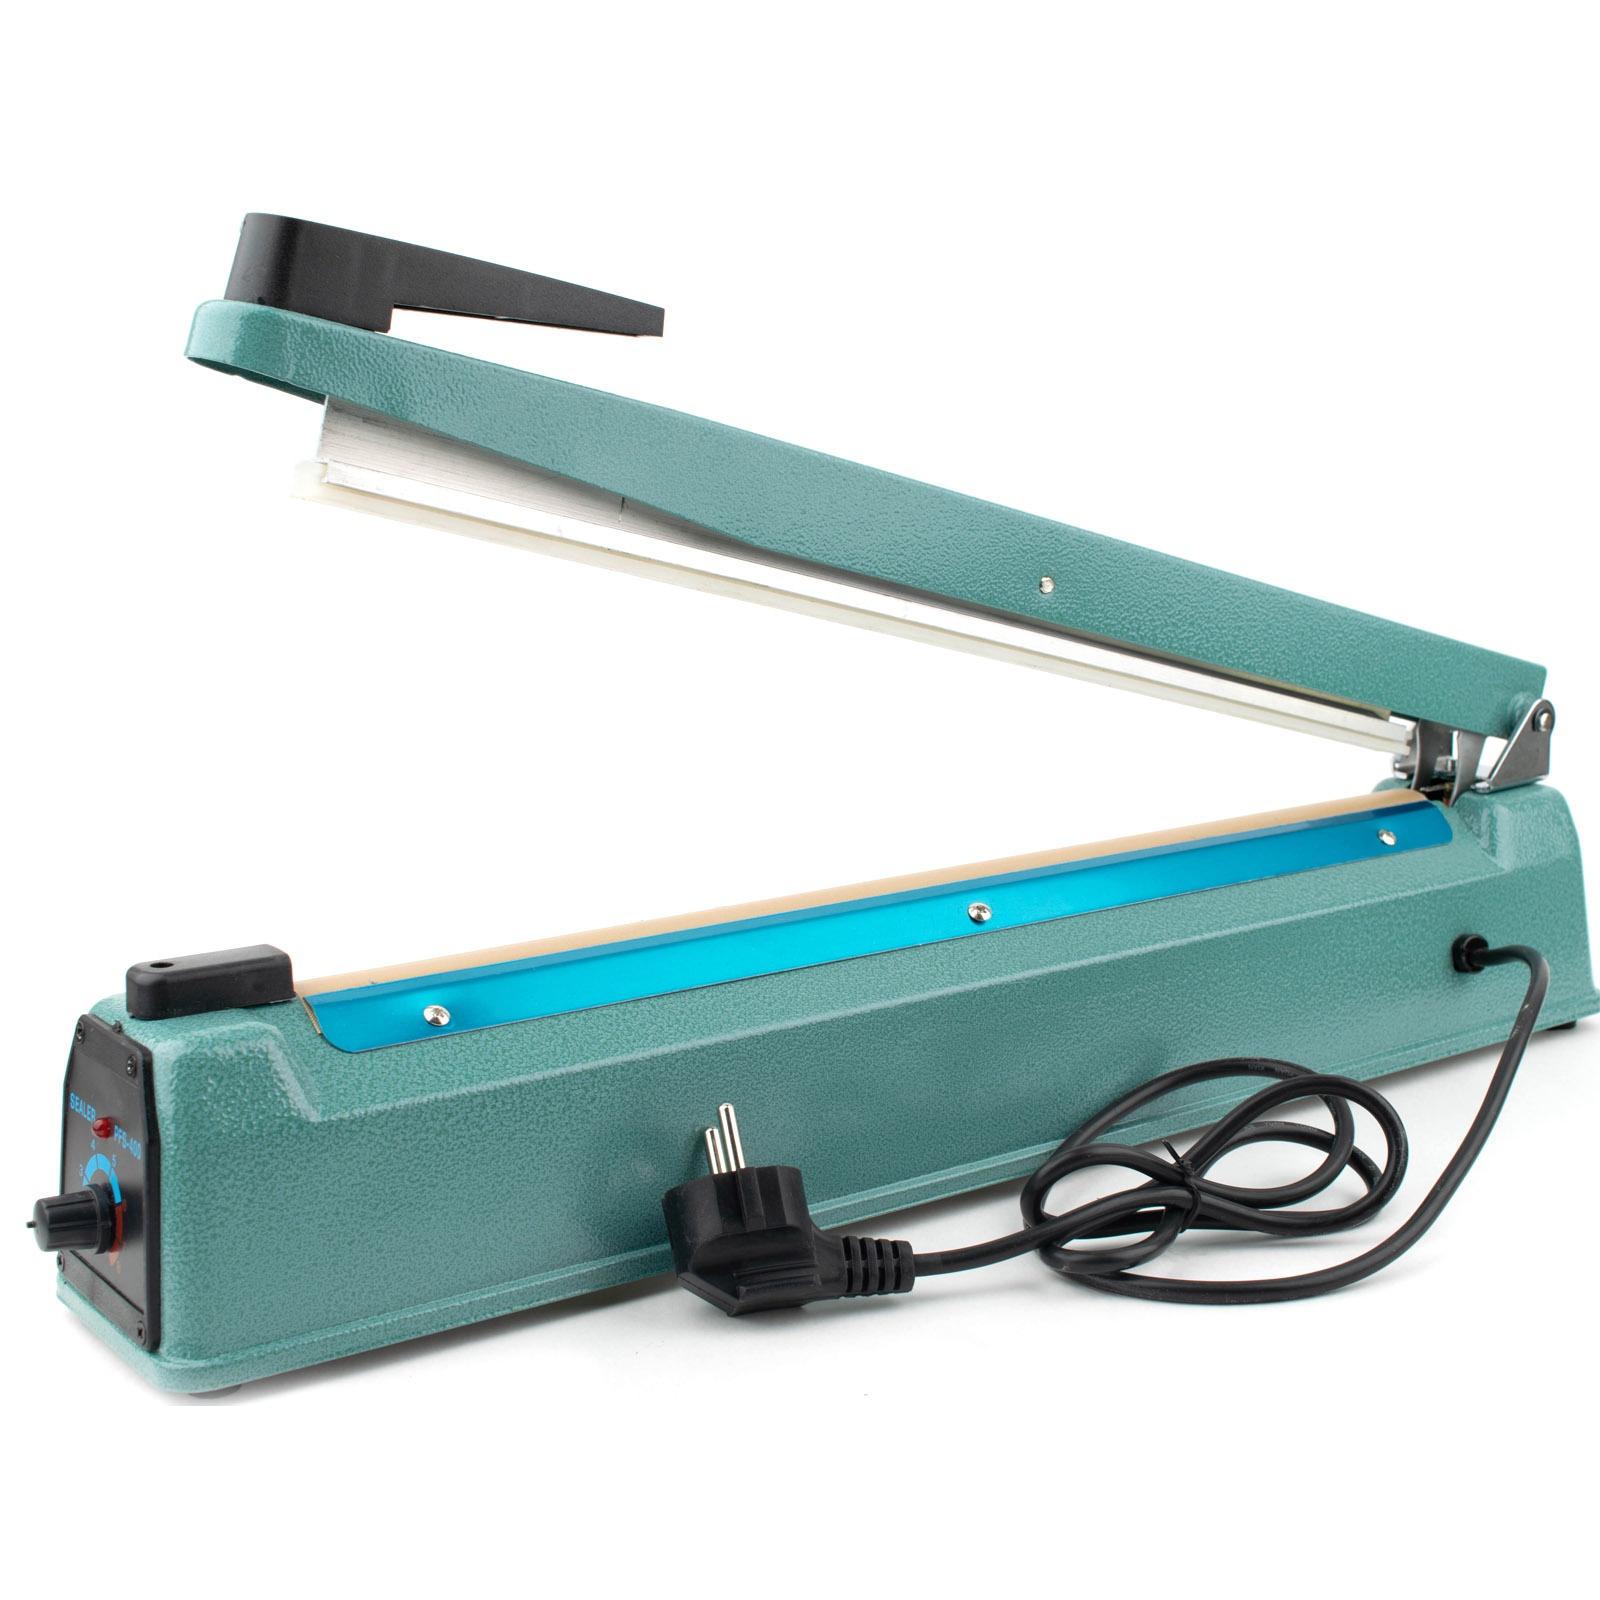 Запайщик пакетов ручной PFS-400 (пластик, 2 мм) Foodatlas Pro краскораспылитель bosch pfs 5000 e 0603207200